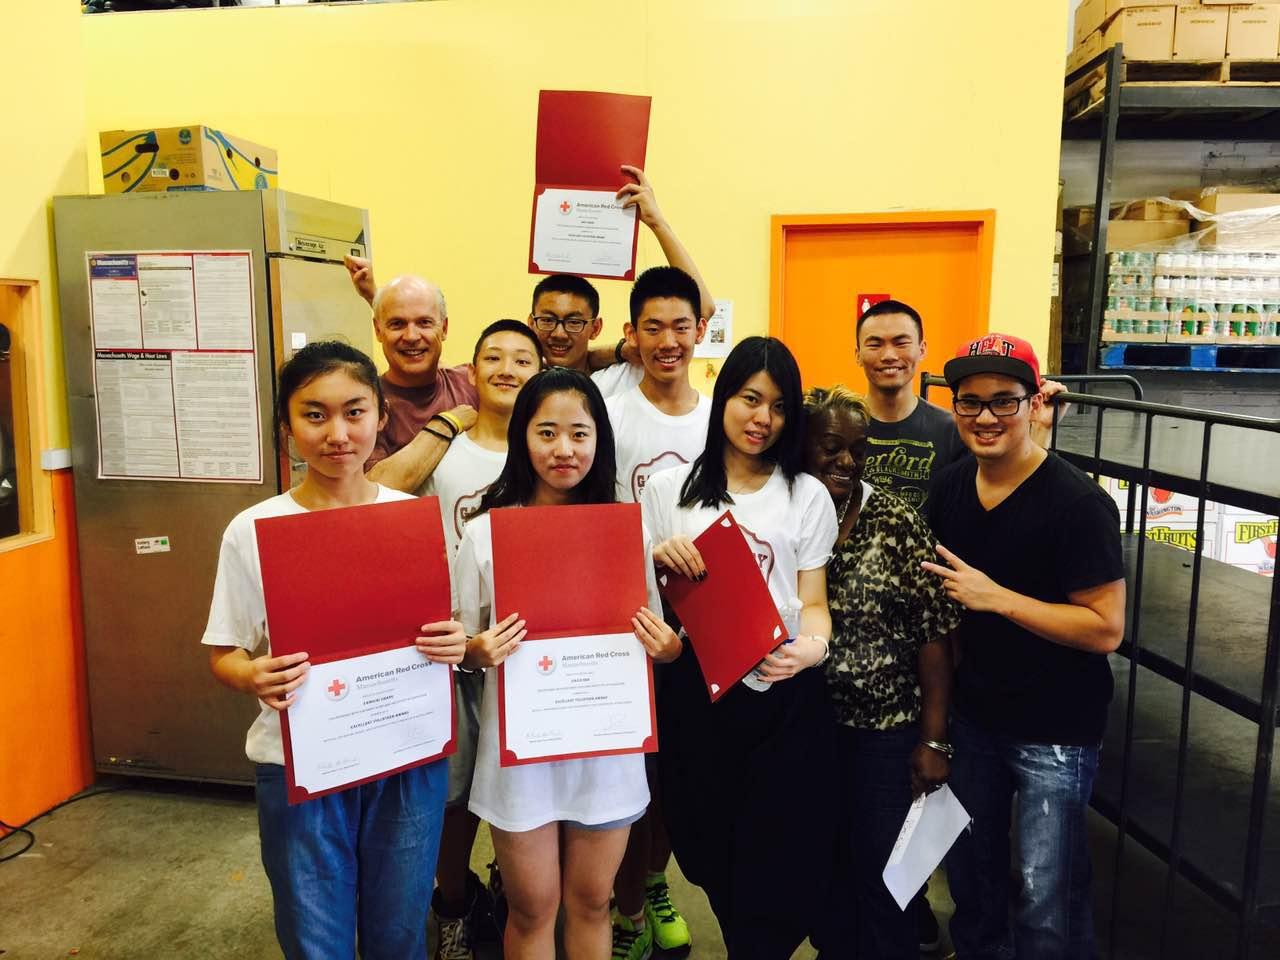 志愿者拿到证书后的喜悦